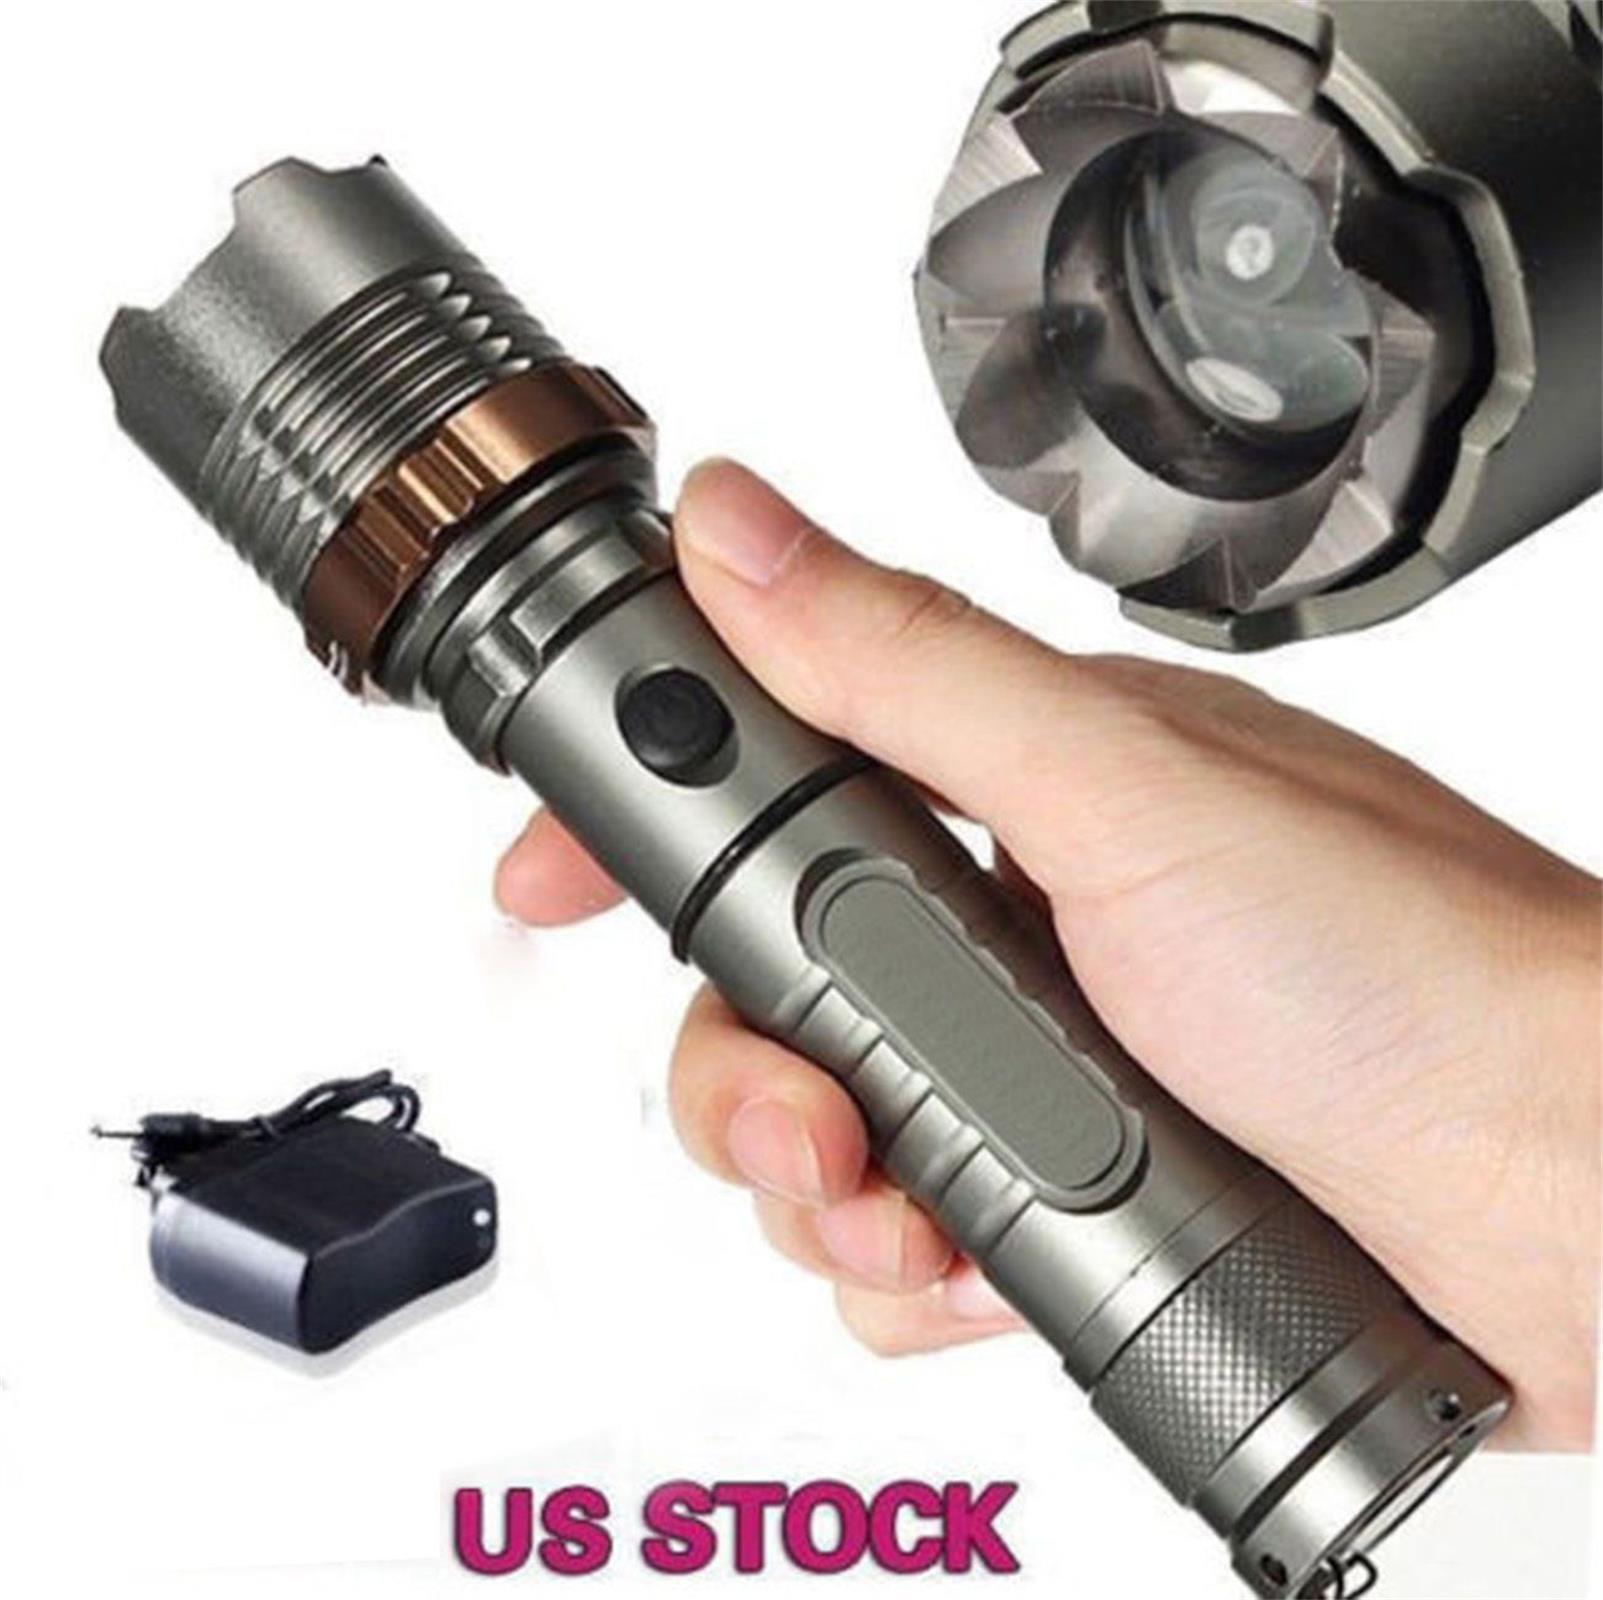 3800LM Cree XML T6 taktische LED Taschenlampe Wiederaufladbare Taschenlampe + 18650 Batterie + Direct Charger